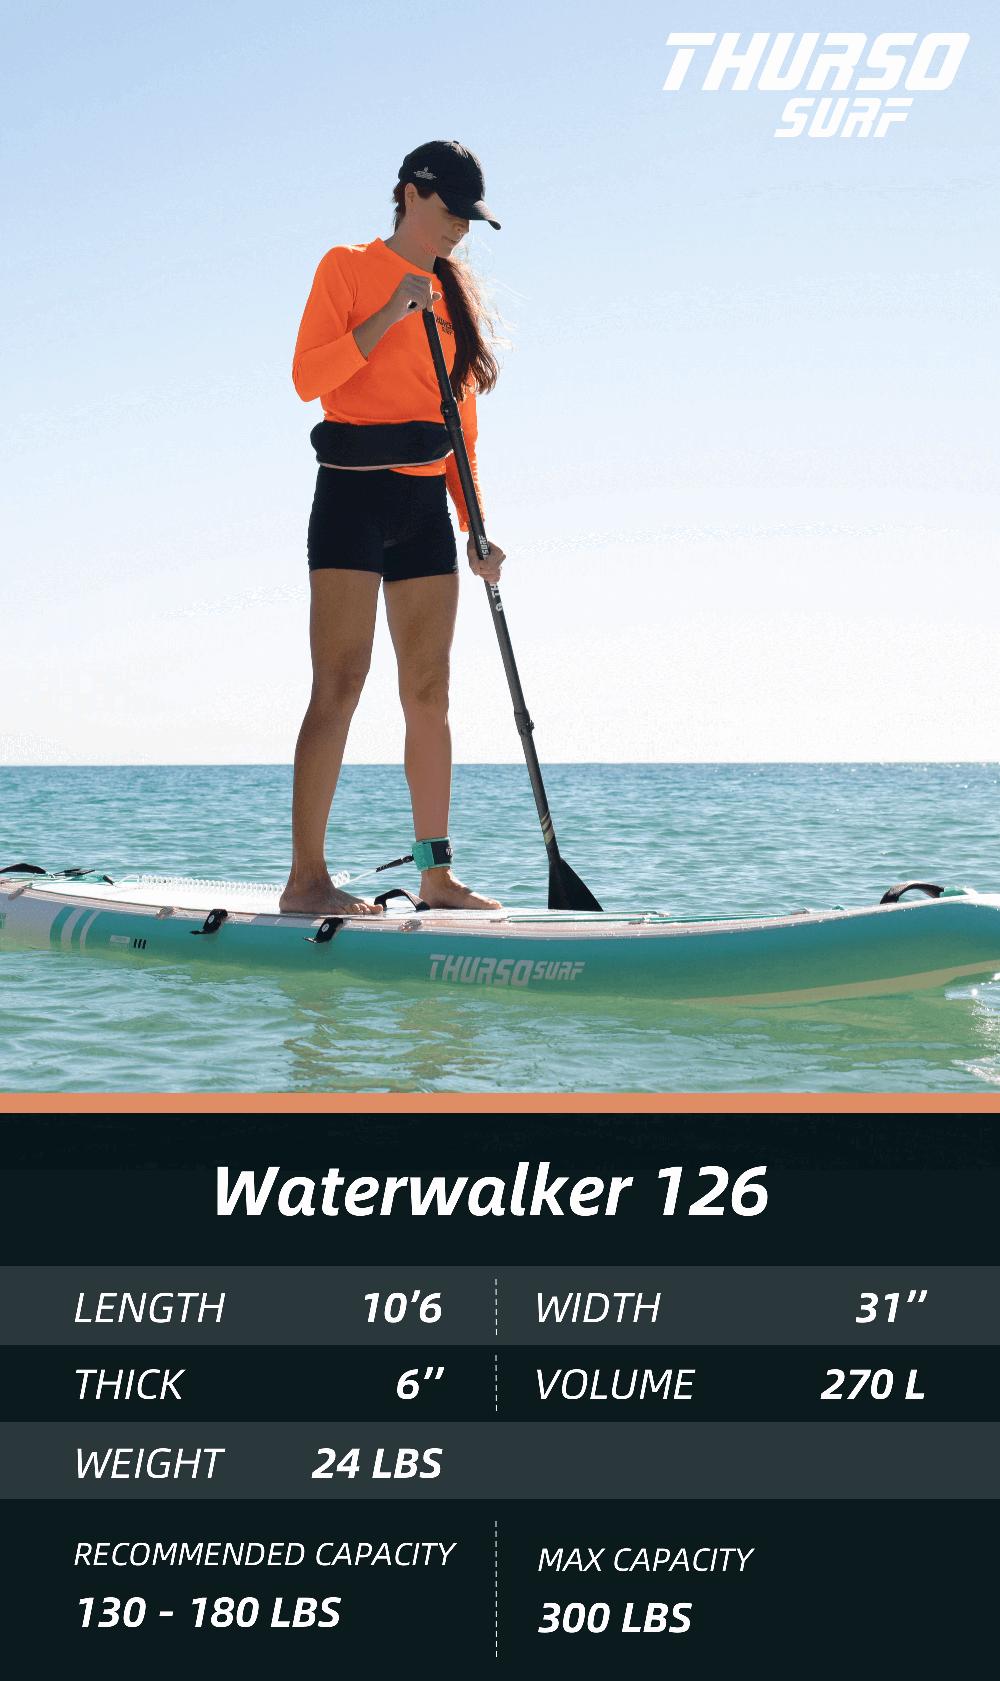 Thurso-Surf-Waterwalker-126-2021-specs-mobile